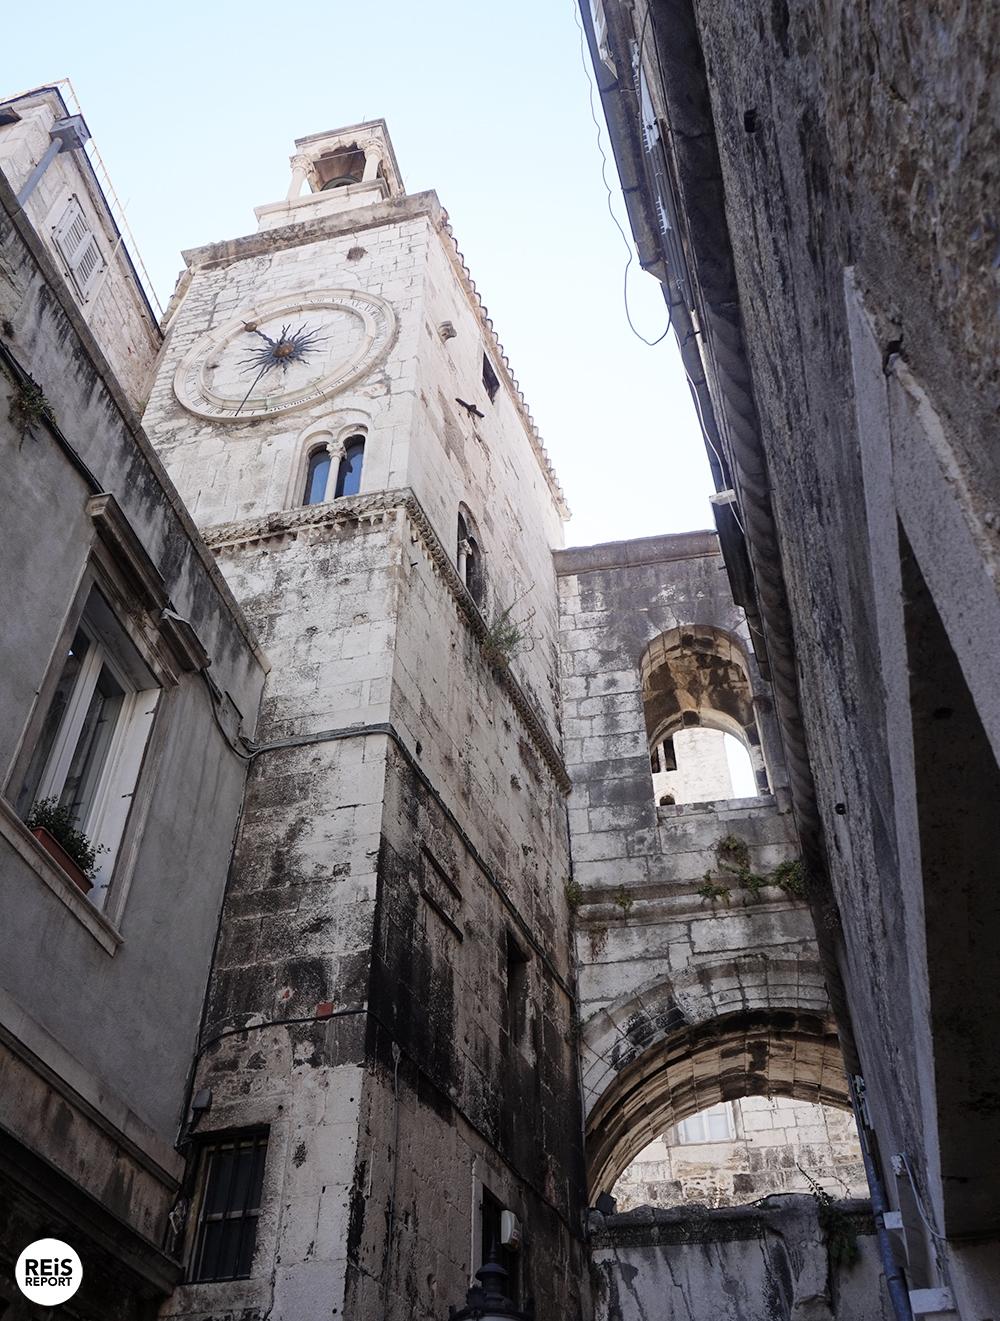 Alle Split bezienswaardigheden vind je hier op een rij. Split is de grootste en belangrijkste stad in Dalmatië en is de tweede stad van Kroatië. Deze uitbundige stad heeft een juiste balans van traditie en moderniteit. Tientallen bars, restaurants en winkels maar ook sfeervolle oude muren, musea en mooie kerken. Split is gelegen op een klein schiereiland in de Adriatische Zee en is een belangrijke economische en toeristische stad. In de volksmond wordt het dan ook de hoofdstad van Dalmatië genoemd. Vanuit de haven varen er dagelijks meerdere ferrys richting andere Dalmatische eilanden en Italiaanse steden. Het eilandje Brač ligt tegenover de stad en is een van onze favoriete eilanden van Kroatië. Split bezienswaardigheden op een rij Het paleis van Diocletianus Stap binnen in het hart van Split, dat wordt gevormd door het paleis van Diocletianus. Het is een van 's werelds meest indrukwekkende Romeinse monumenten. De Romeinse keizer Diocletianus gaf rond het jaar 300 de opdracht voor de bouw van dit paleis. Dit wordt dan ook beschouwd als het begin van het bestaan van de stad Split. Tot de dag van vandaag wordt het centrum van Split gevormd door dit oude paleis. Binnen het paleis van Diocletianus vind je winkels, cafés en kerken. In 1979 werd het paleis van Diocletianus op de UNESCO Werelderfgoedlijst geplaatst en daarmee uiteraard staat dus een groot deel van het centrum van Split op deze lijst. De kathedraal van Sint-Domnius In het paleis van Diocletianus bevindt zich ook de bijzondere achthoekige kathedraal, welke is gewijd aan de heilige Sint-Domnius. Sint-Domnius was in de derde eeuw de bisschop van Salona (vroeger de hoofdstad van de Romeinse provincie Dalmatia) en de beschermheilige van Split. De klokkentoren kenmerkt het stadsgezicht van Split. Het is mogelijk om de klokkentoren te beklimmen met een fantastisch uitzicht als beloning. De oude stad Salona De stad Salona werd door de Avaren in de 6e eeuw aangevallen. De inwoners vluchtten weg uit Salona en vestig